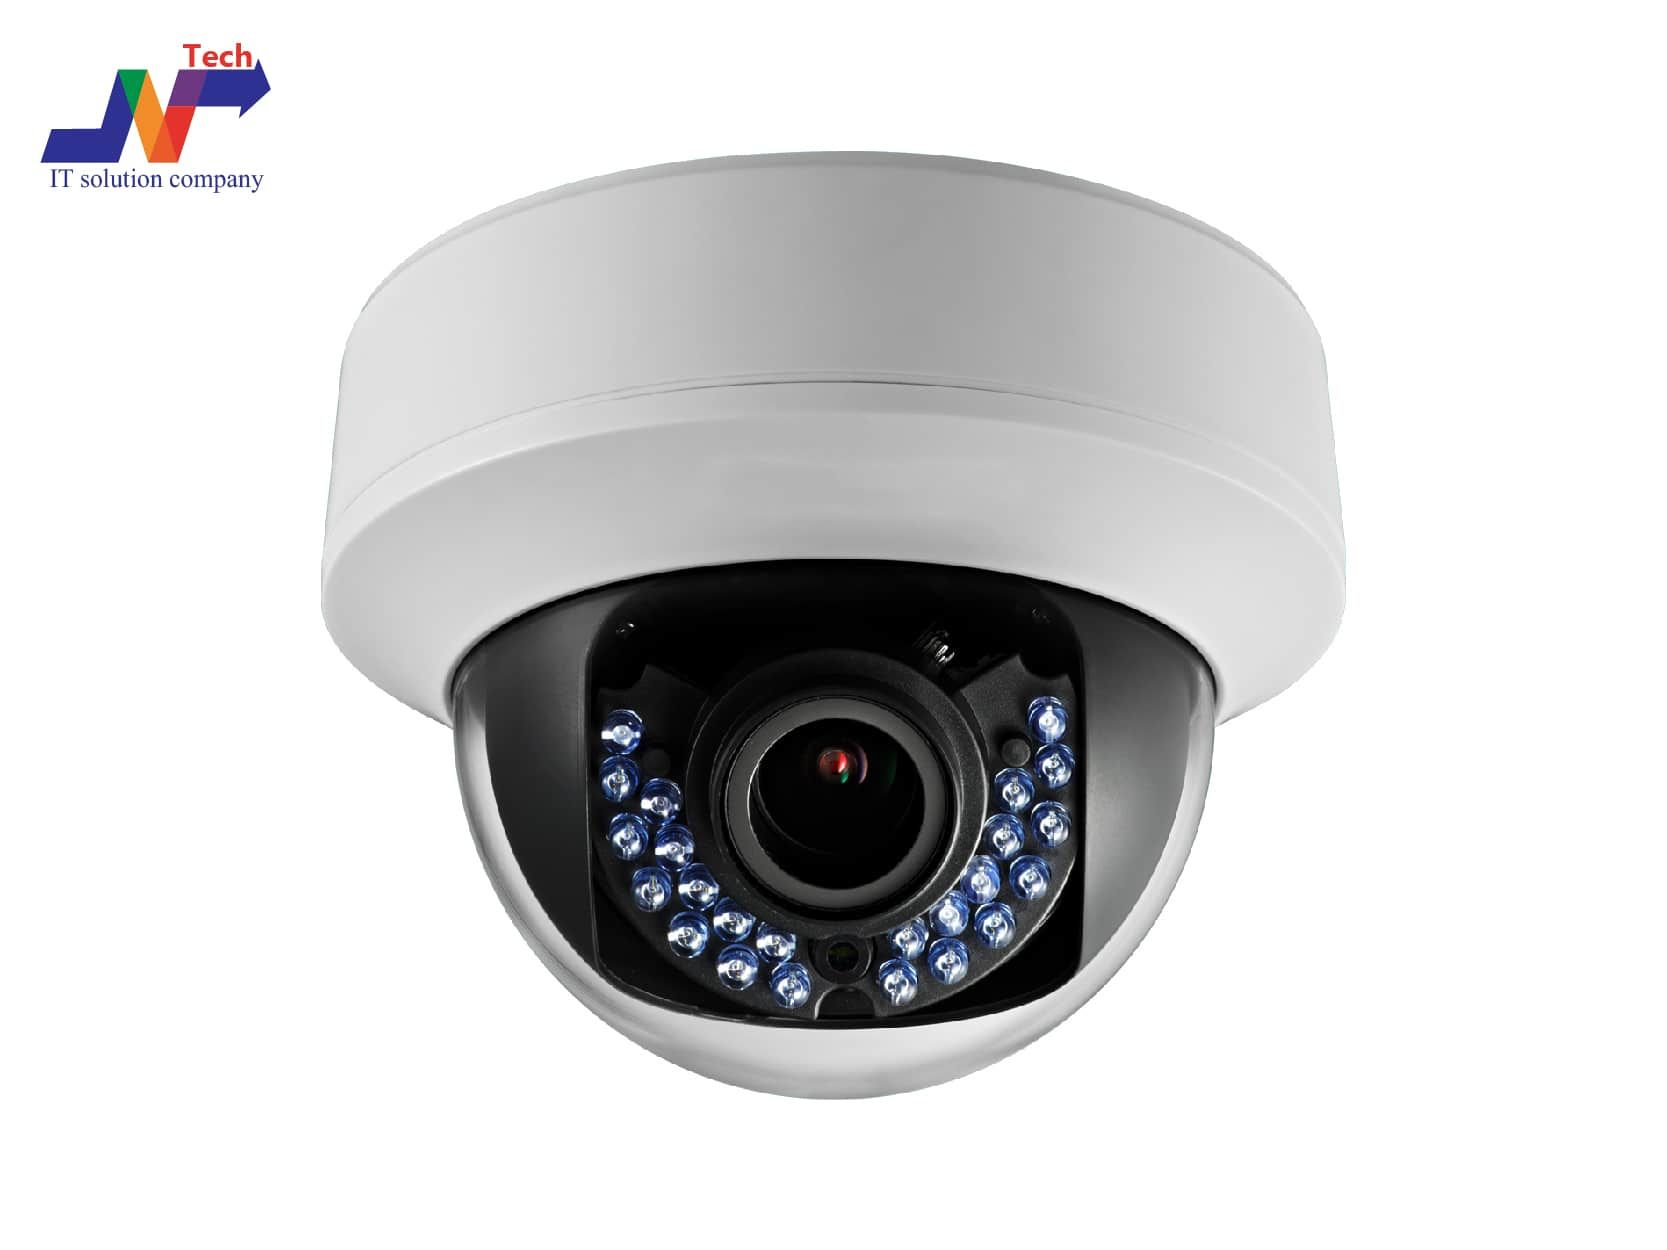 كاميرات مراقبة سامسونج بضمان 5سنوات وخصومات تصل ل50 لمدى يصل الى 30 متر وخاصية الرؤية الليلية وامكانية التوصيل بالانترنت Hd وعرض الكاميرات المنزل على هاتفك الم